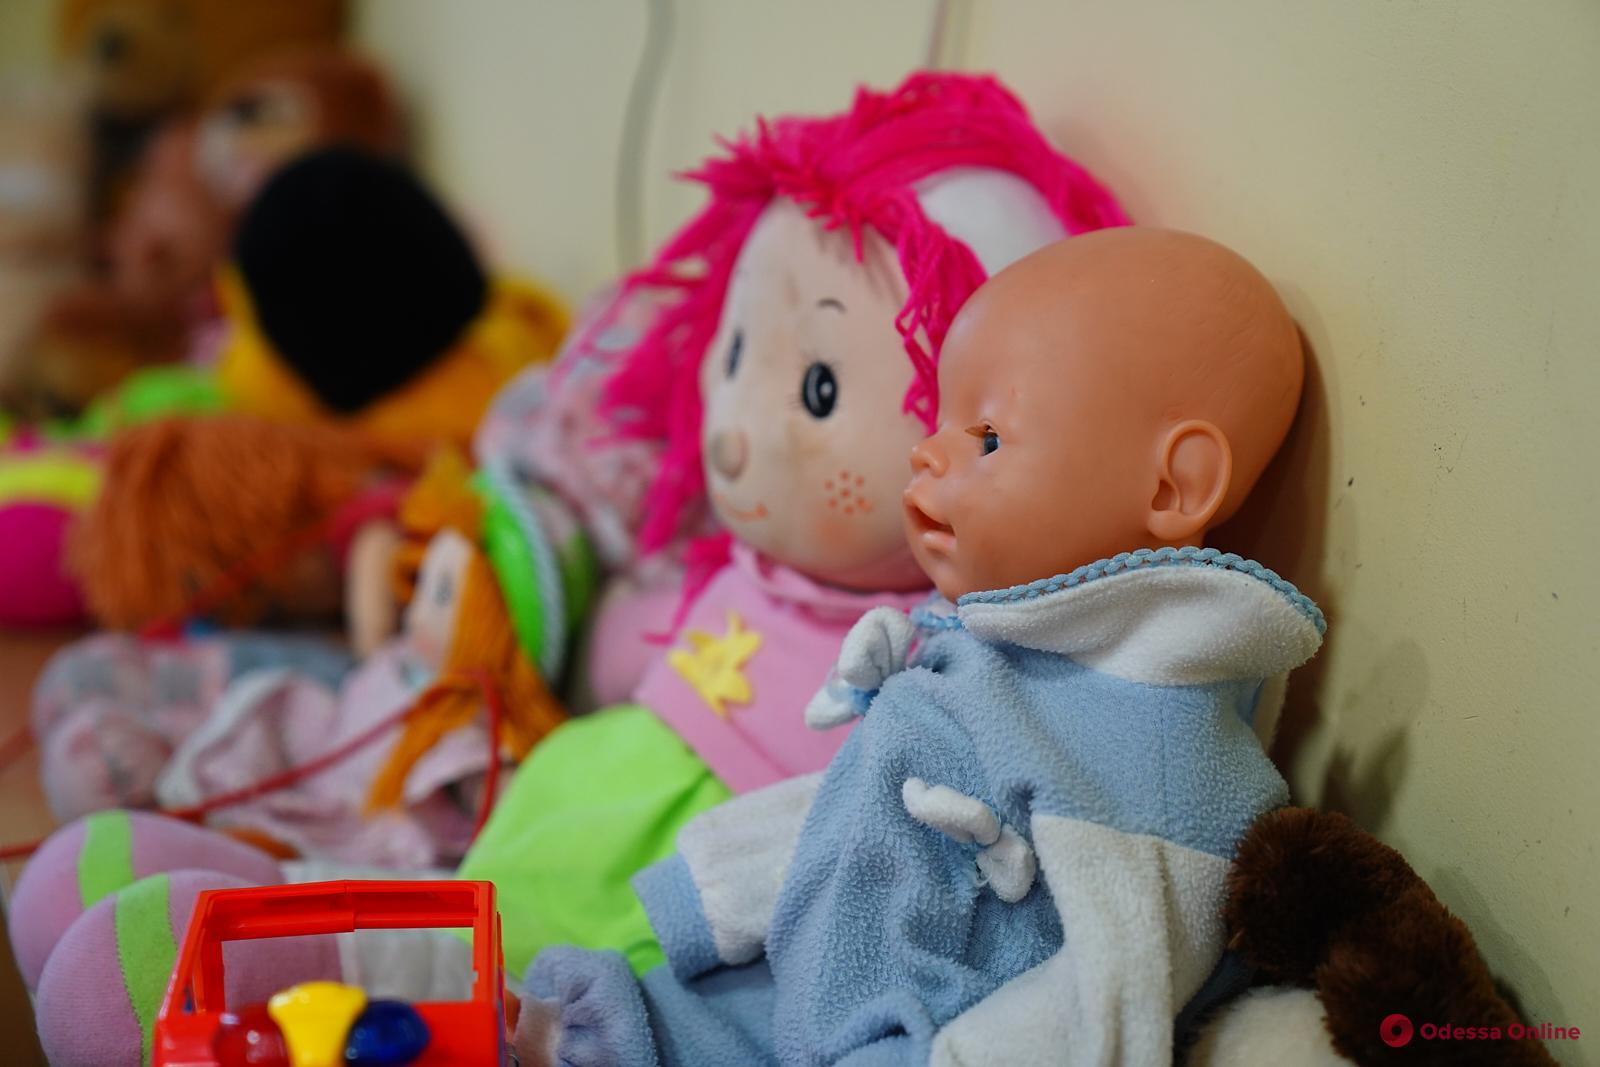 Как живут воспитанники одесского центра социально-психологической реабилитации (фото, видео)